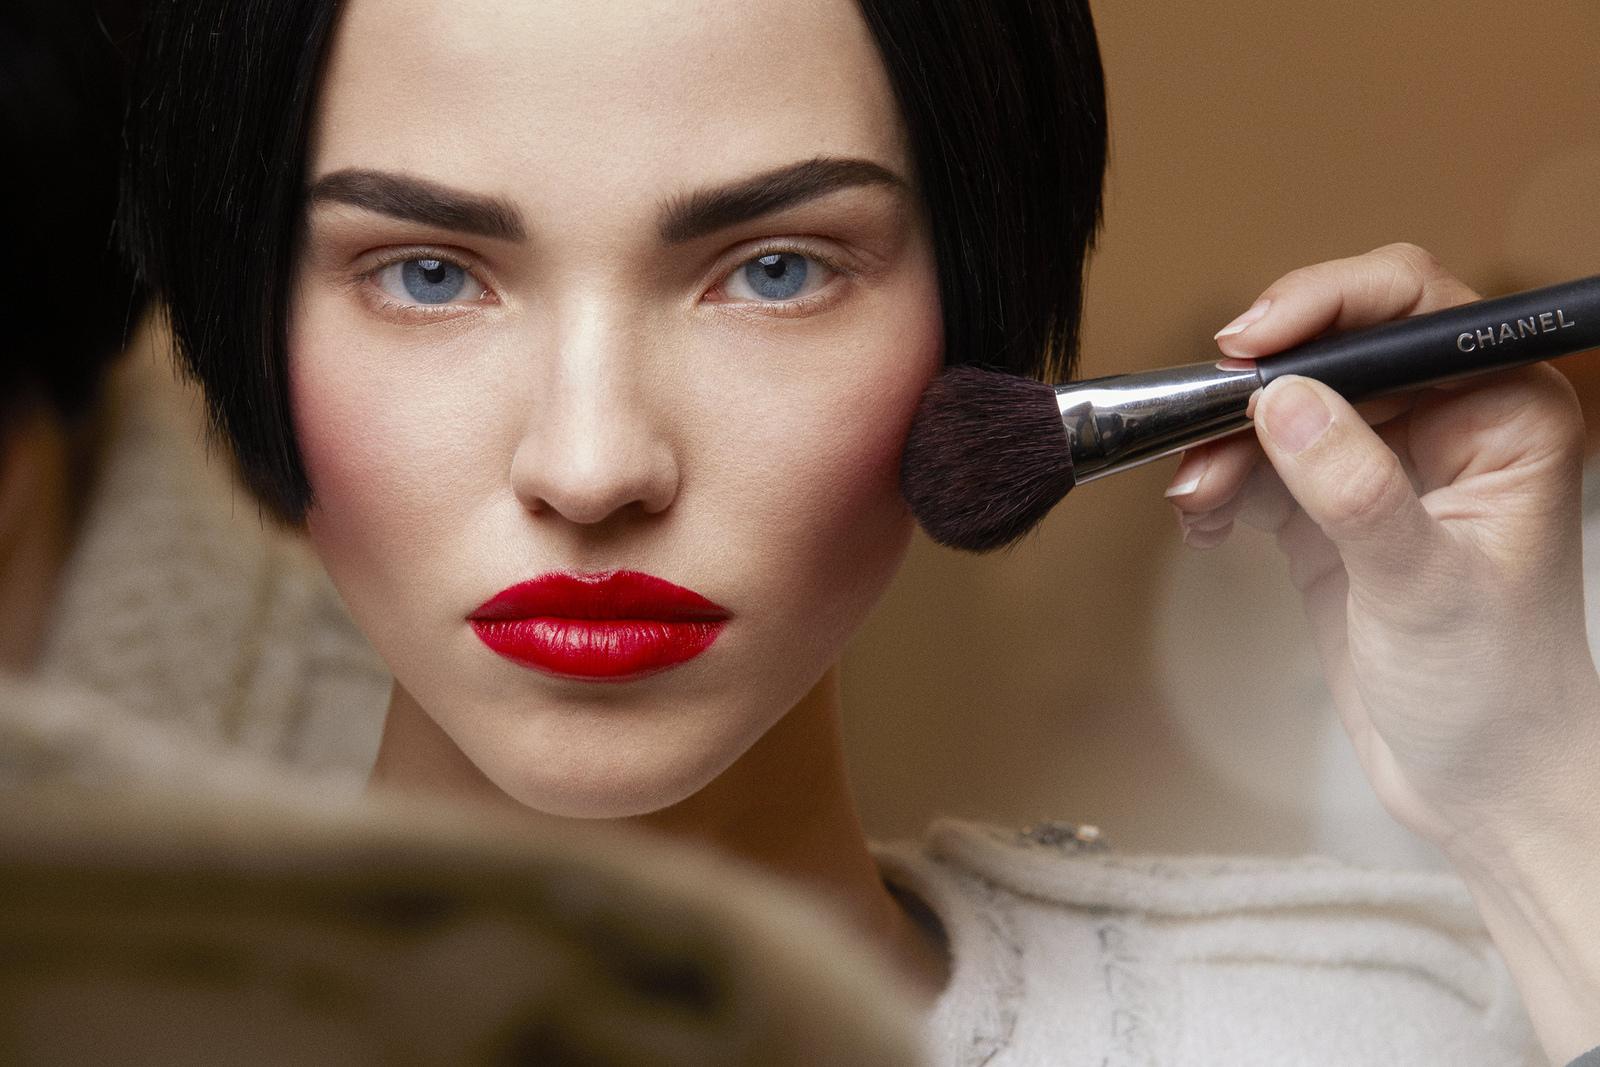 Тренды макияжа 2016: что готовит наступление нового года